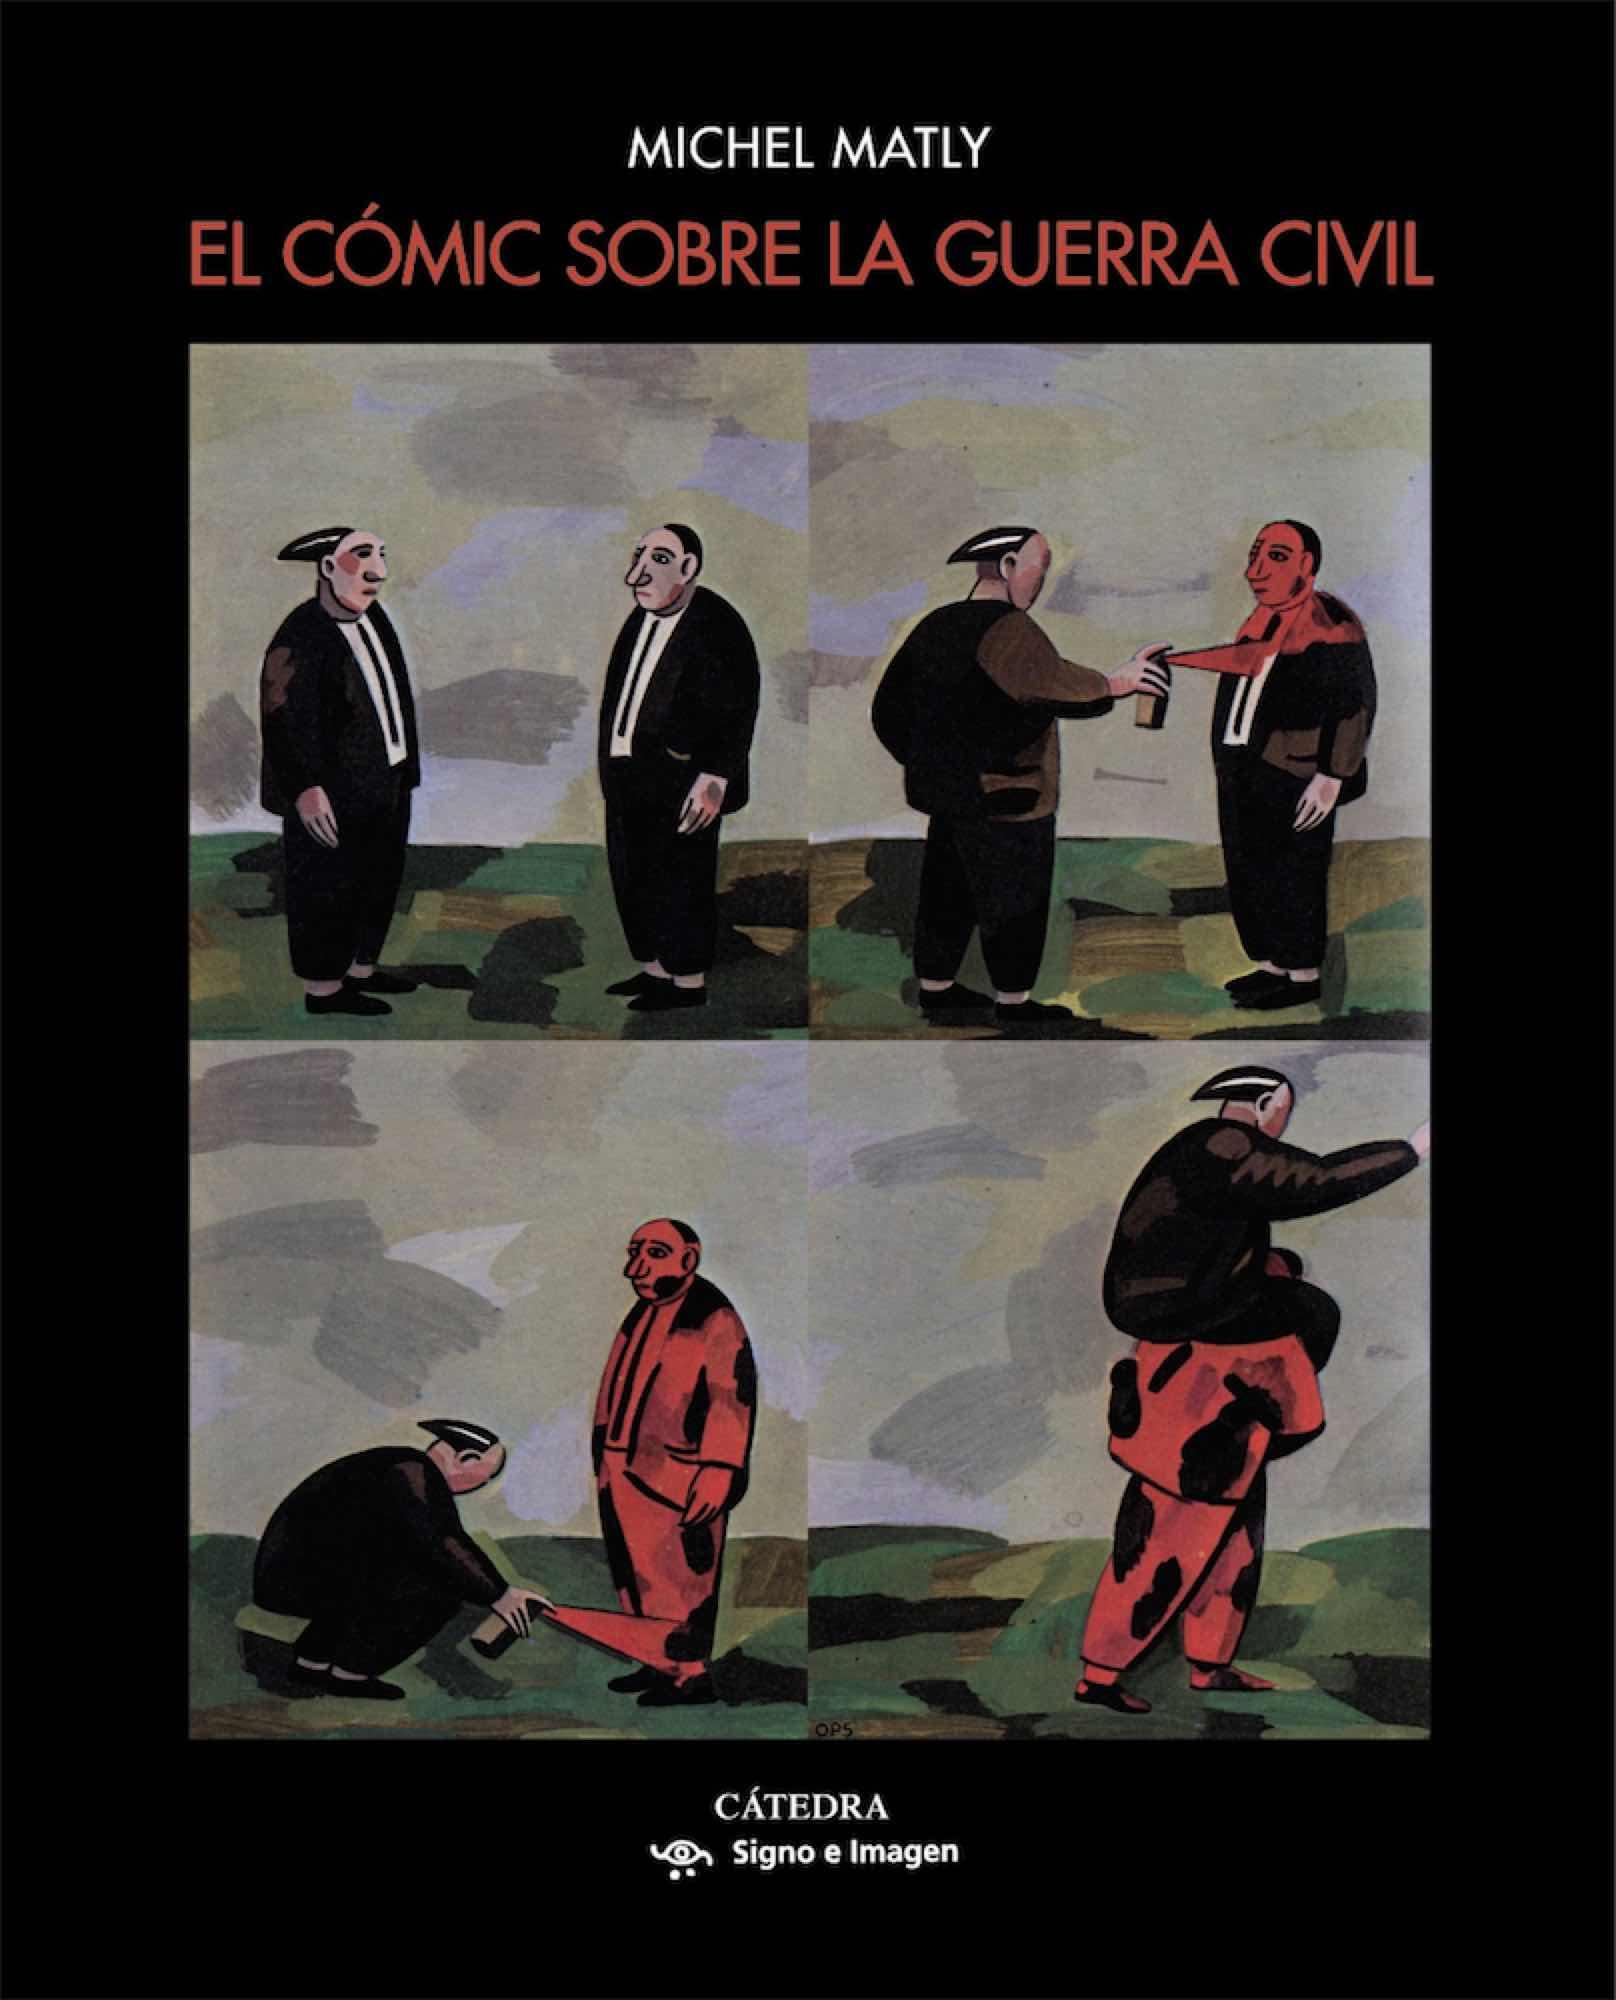 EL COMIC SOBRE LA GUERRA CIVIL